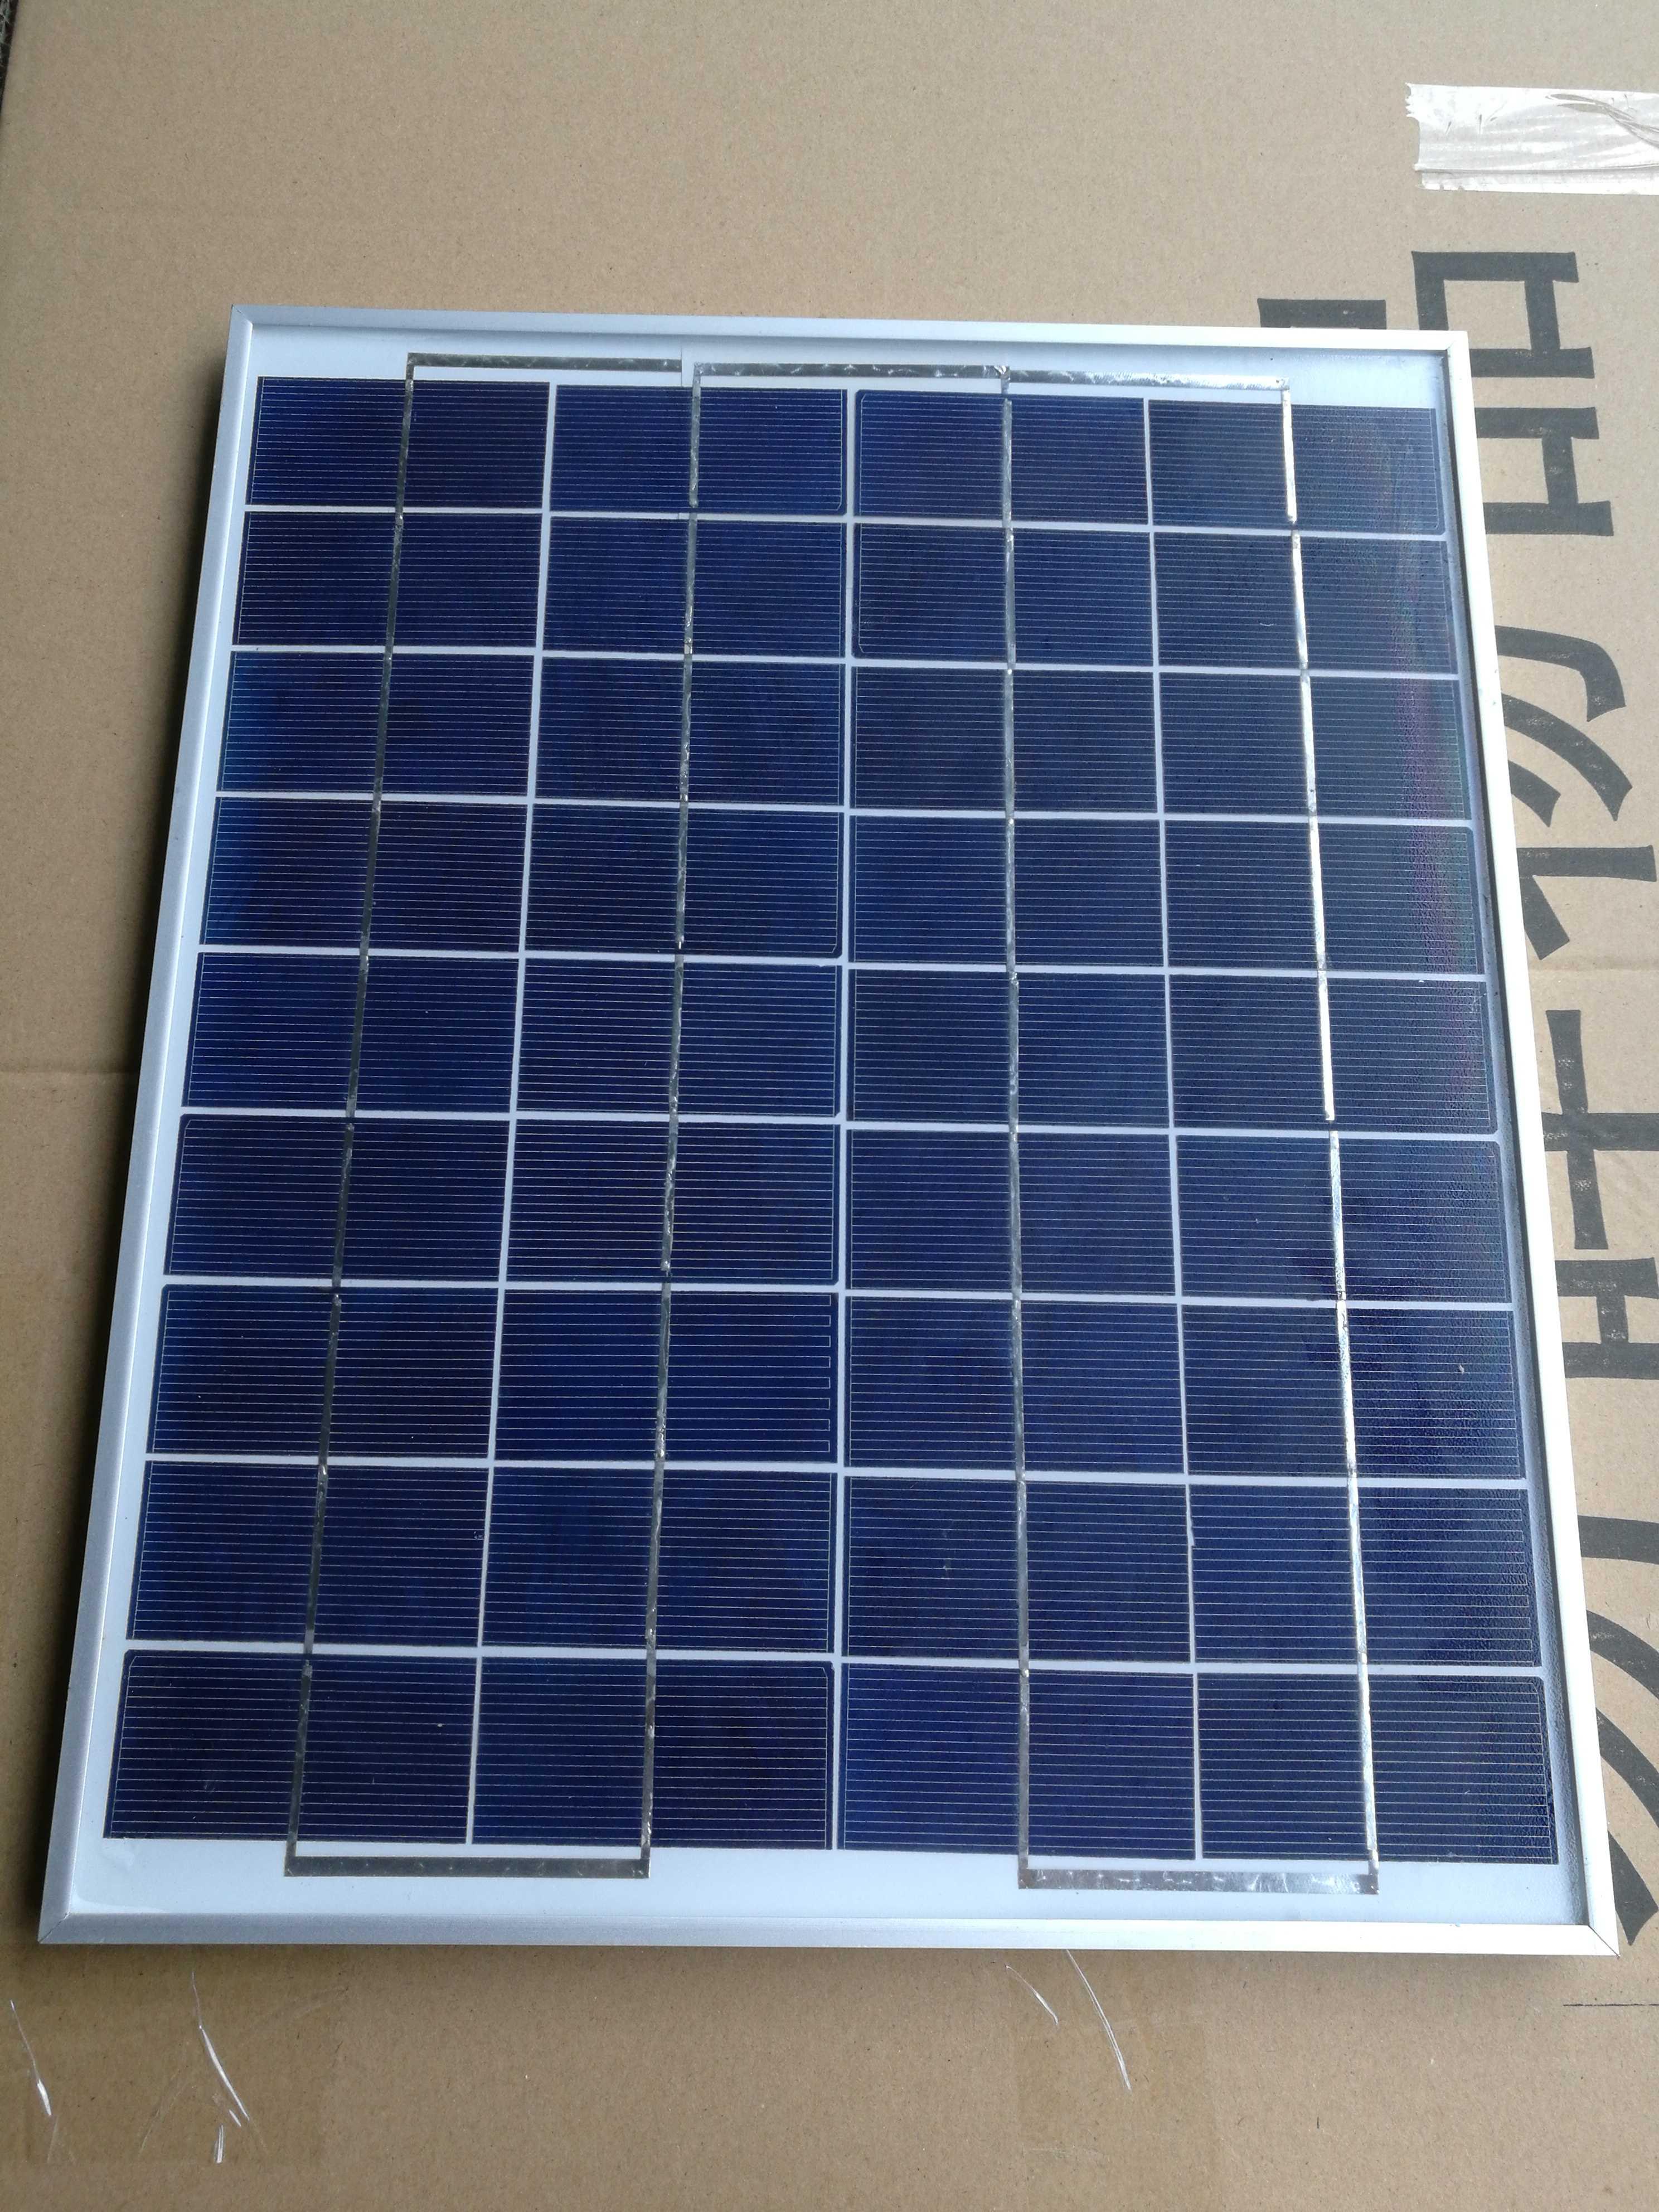 Больше кристалл 20W солнечной энергии аккумулятор доска доска свет вольт выработки электроэнергии доска для 12V аккумуляторная батарея зарядка доставка в некоторые регионы входит в стоимость